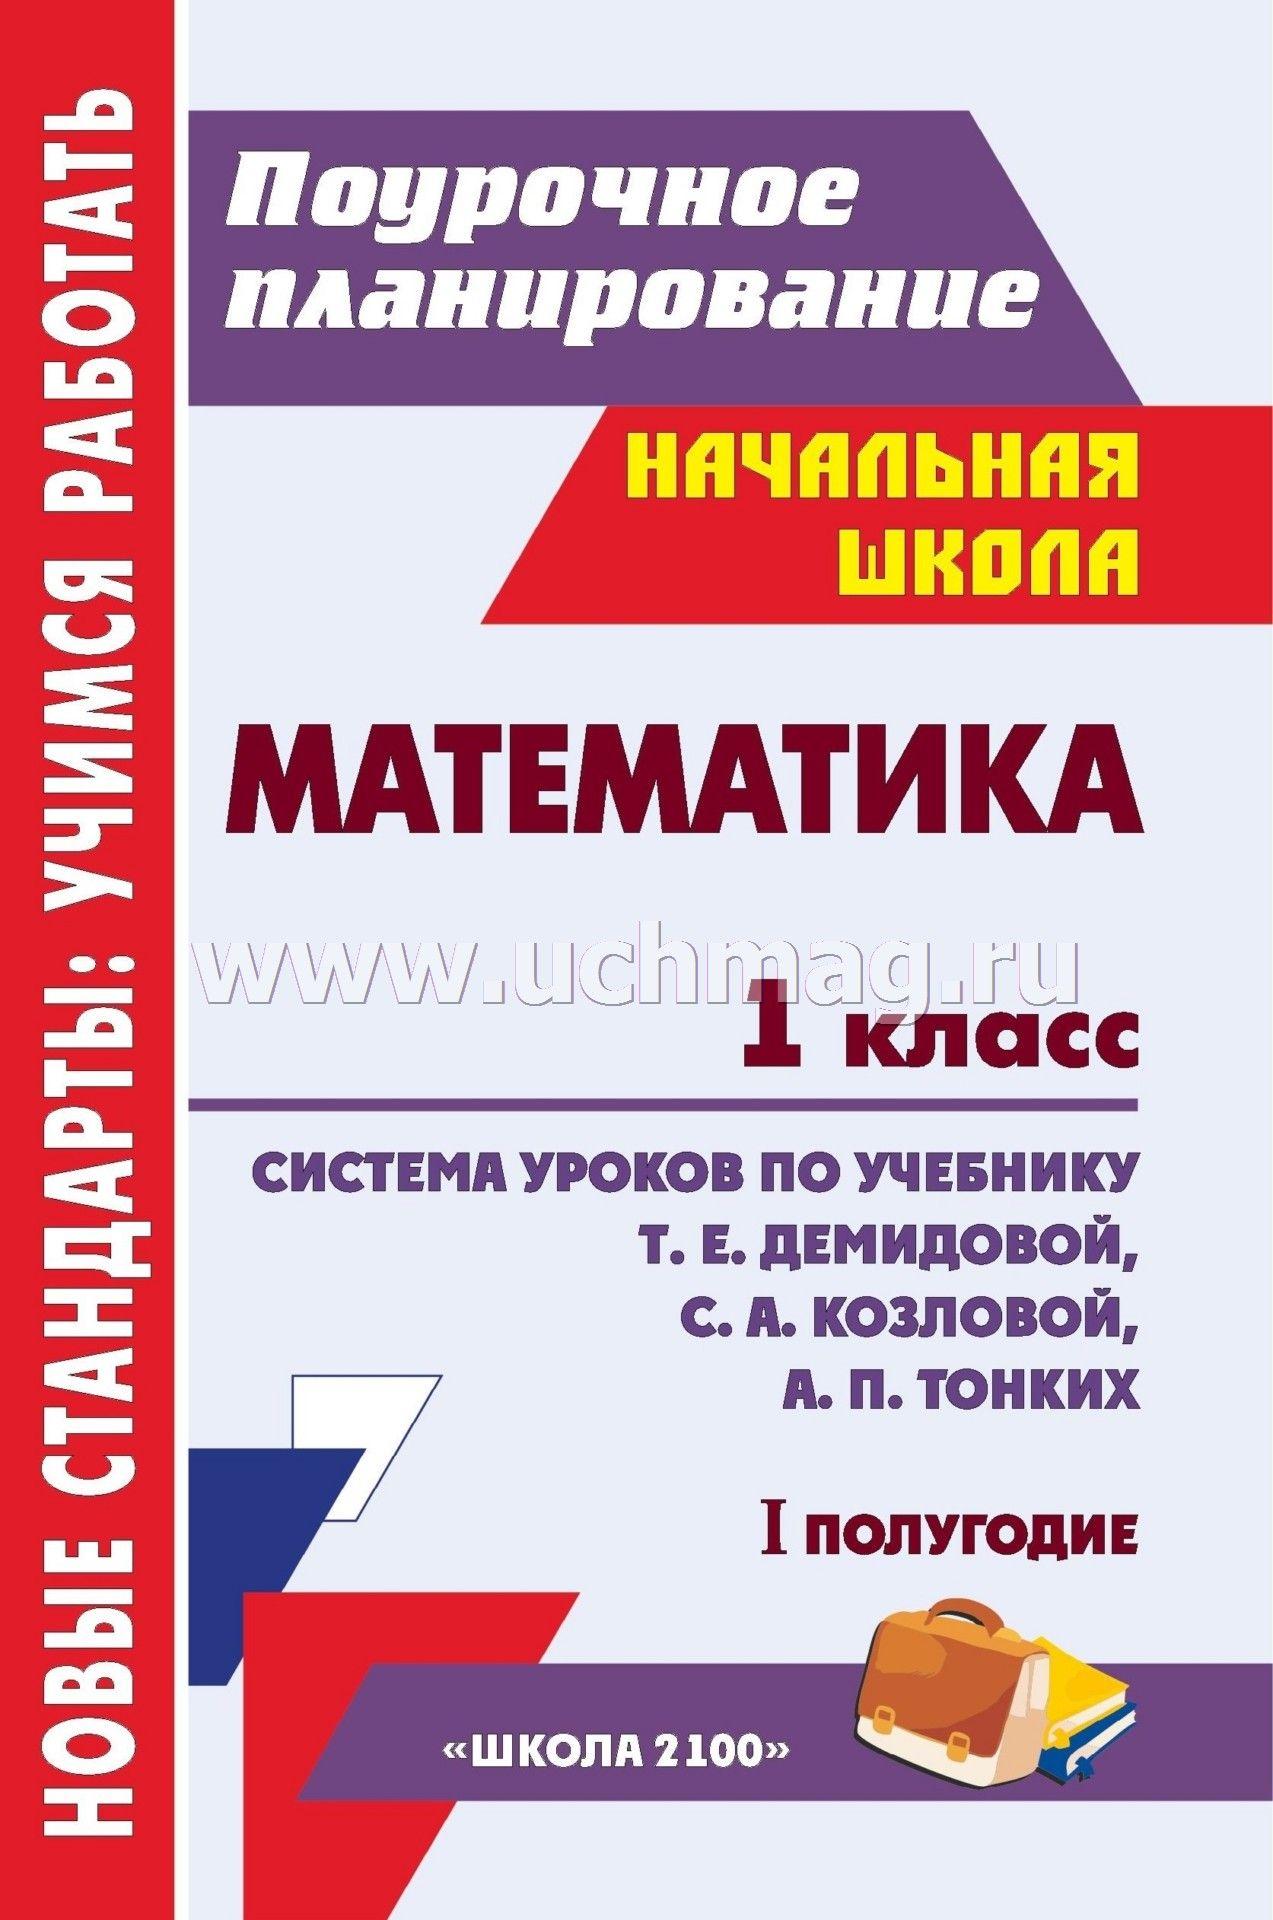 Конспекты уроков математики 1 класс учебник демидовой